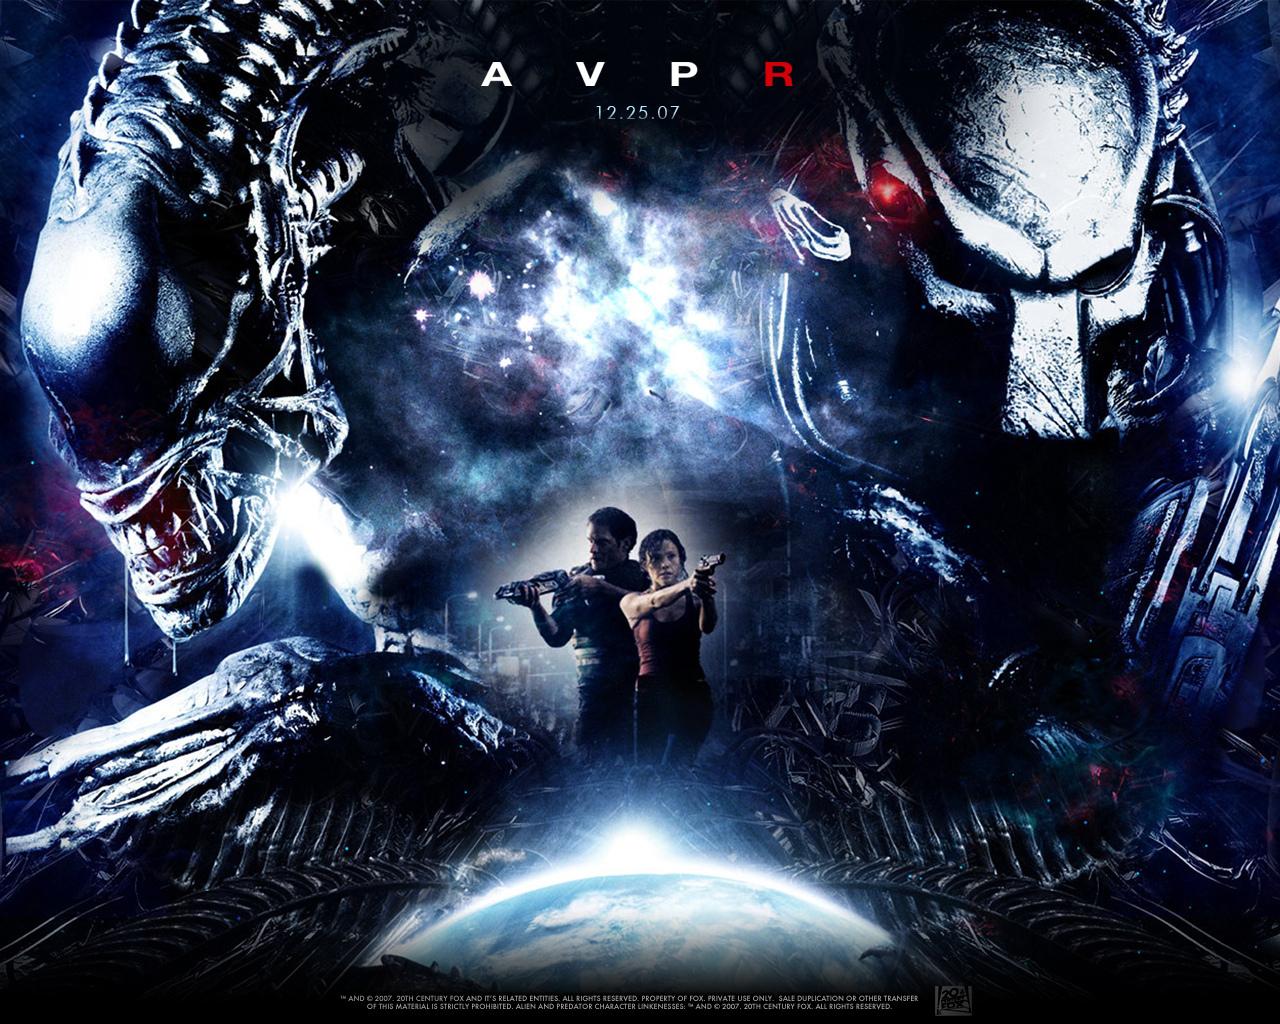 AVPR Aliens vs Predator